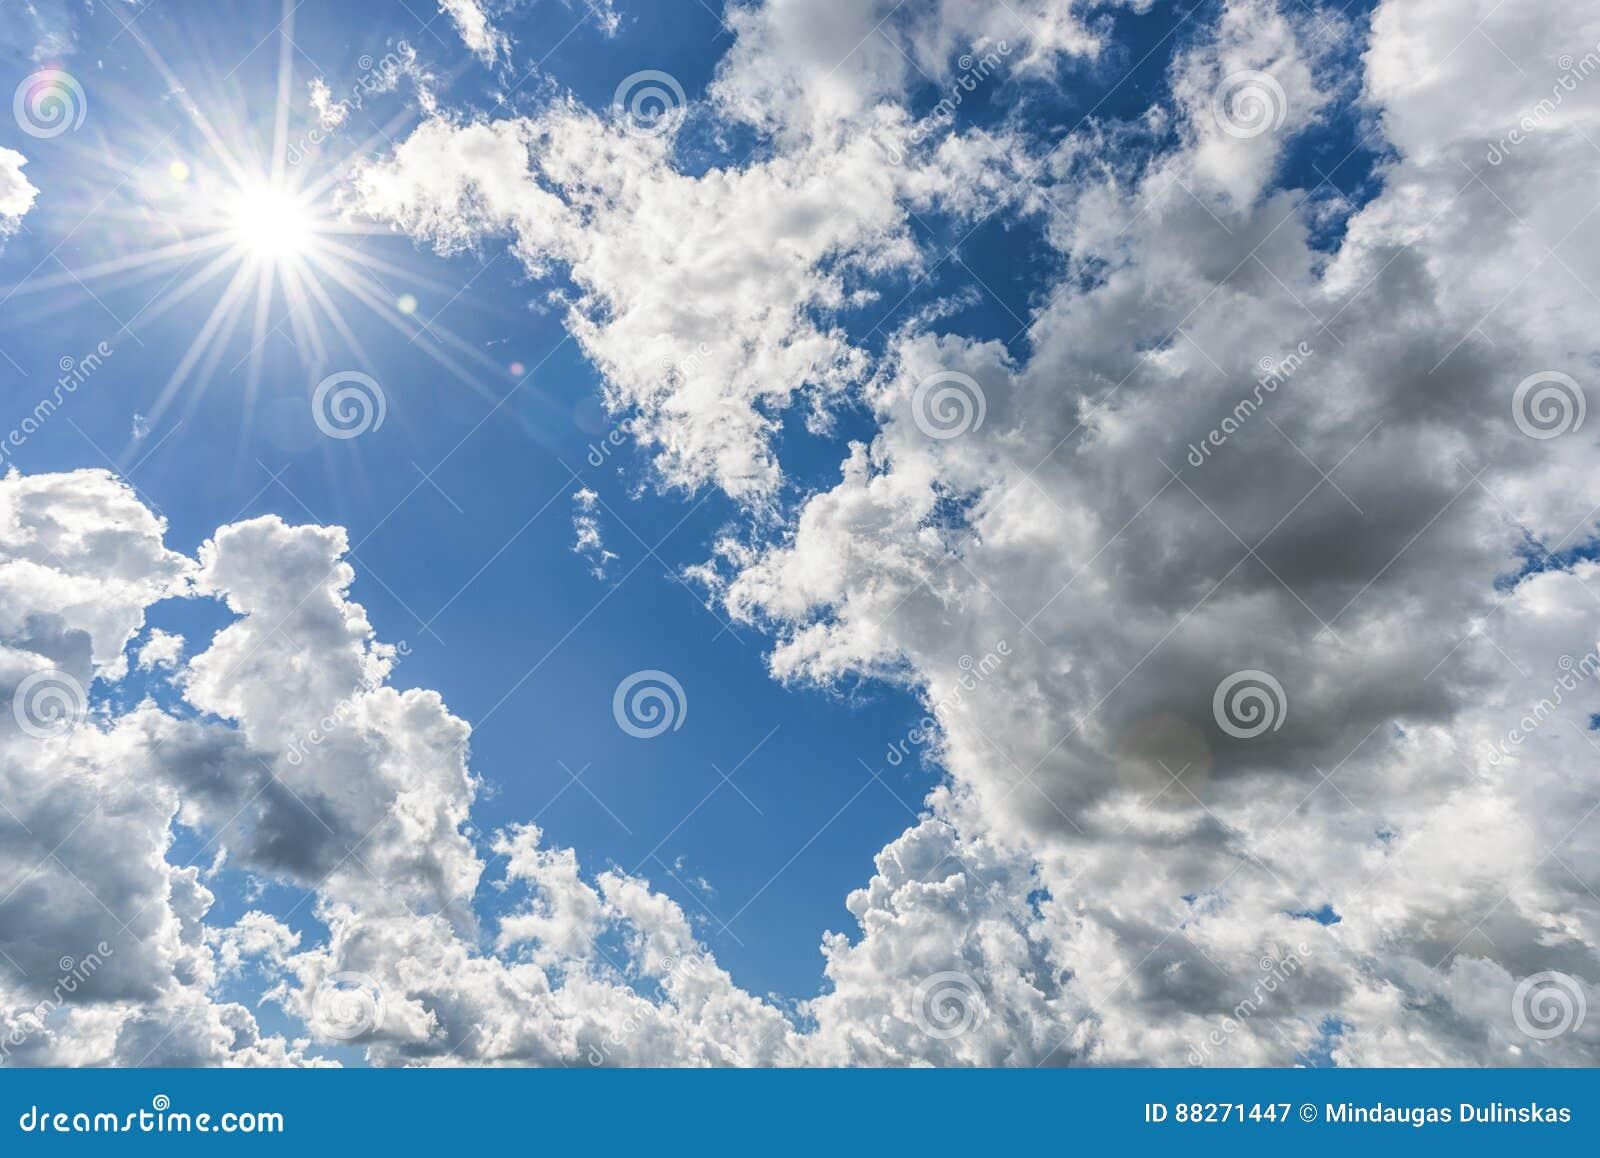 Cielo azul nublado como fondo Luz del sol directa, Sun sobre las nubes